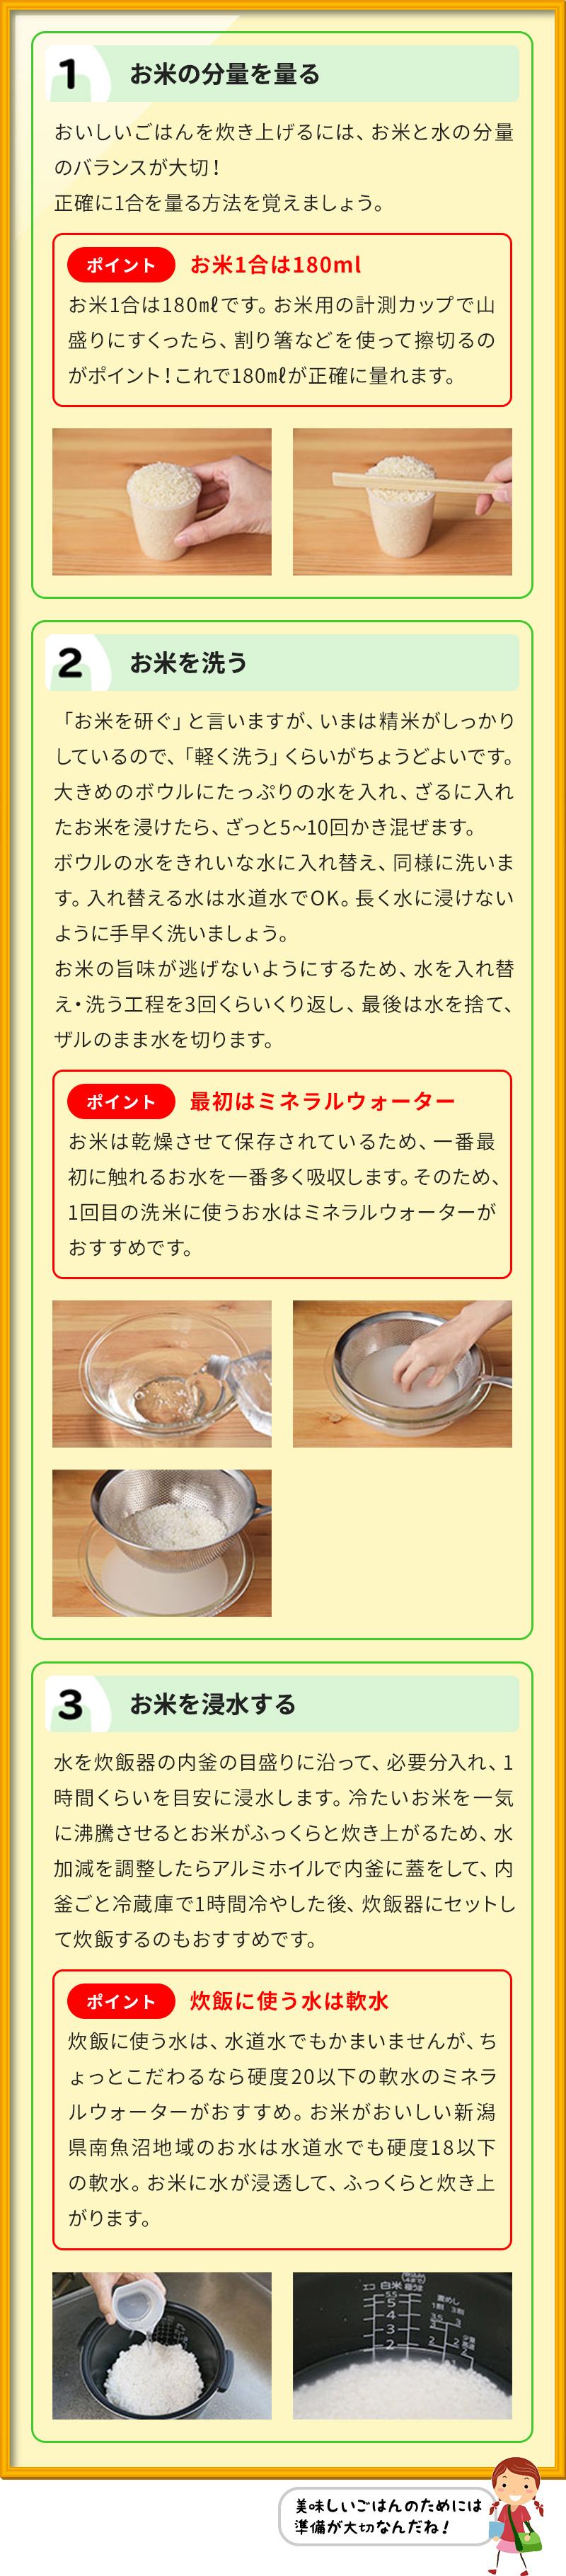 1 お米の分量を量る おいしいごはんを炊き上げるには、お米と水の分量のバランスが大切! 正確に1合を量る方法を覚えましょう。 ポイントお米1合は180㎖ お米1合は180㎖です。お米用の計測カップで山盛りにすくったら、割り箸などを使って擦切るのがポイント!これで180㎖が正確に量れます。 2 お米を洗う 「お米を研ぐ」と言いますが、いまは精米がしっかりしているので、「軽く洗う」くらいがちょうどよいです。 大きめのボウルにたっぷりの水を入れ、ざるに入れたお米を浸けたら、ざっと5∼10回かき混ぜます。 ボウルの水をきれいな水に入れ替え、同様に洗います。入れ替える水は水道水でOK。長く水に浸けないように手早く洗いましょう。 お米の旨味が逃げないようにするため、水を入れ替え・洗う工程を3回くらいくり返し、最後は水を捨て、ザルのまま水を切ります。 ポイント最初はミネラルウォーター お米は乾燥させて保存されているため、一番最初に触れるお水を一番多く吸収します。そのため、1回目の洗米に使うお水はミネラルウォーターがおすすめです。 3 お米を浸水する 水を炊飯器の内釜の目盛りに沿って、必要分入れ、1時間くらいを目安に浸水します。冷たいお米を一気に沸騰させるとお米がふっくらと炊き上がるため、水加減を調整したらアルミホイルで内釜に蓋をして、内釜ごと冷蔵庫で1時間冷やした後、炊飯器にセットして炊飯するのもおすすめです。 ポイント炊飯に使う水は軟水 炊飯に使う水は、水道水でもかまいませんが、ちょっとこだわるなら硬度20以下の軟水のミネラルウォーターがおすすめ。お米がおいしい新潟県南魚沼地域のお水は水道水でも硬度18以下の軟水。お米に水が浸透して、ふっくらと炊き上がります。